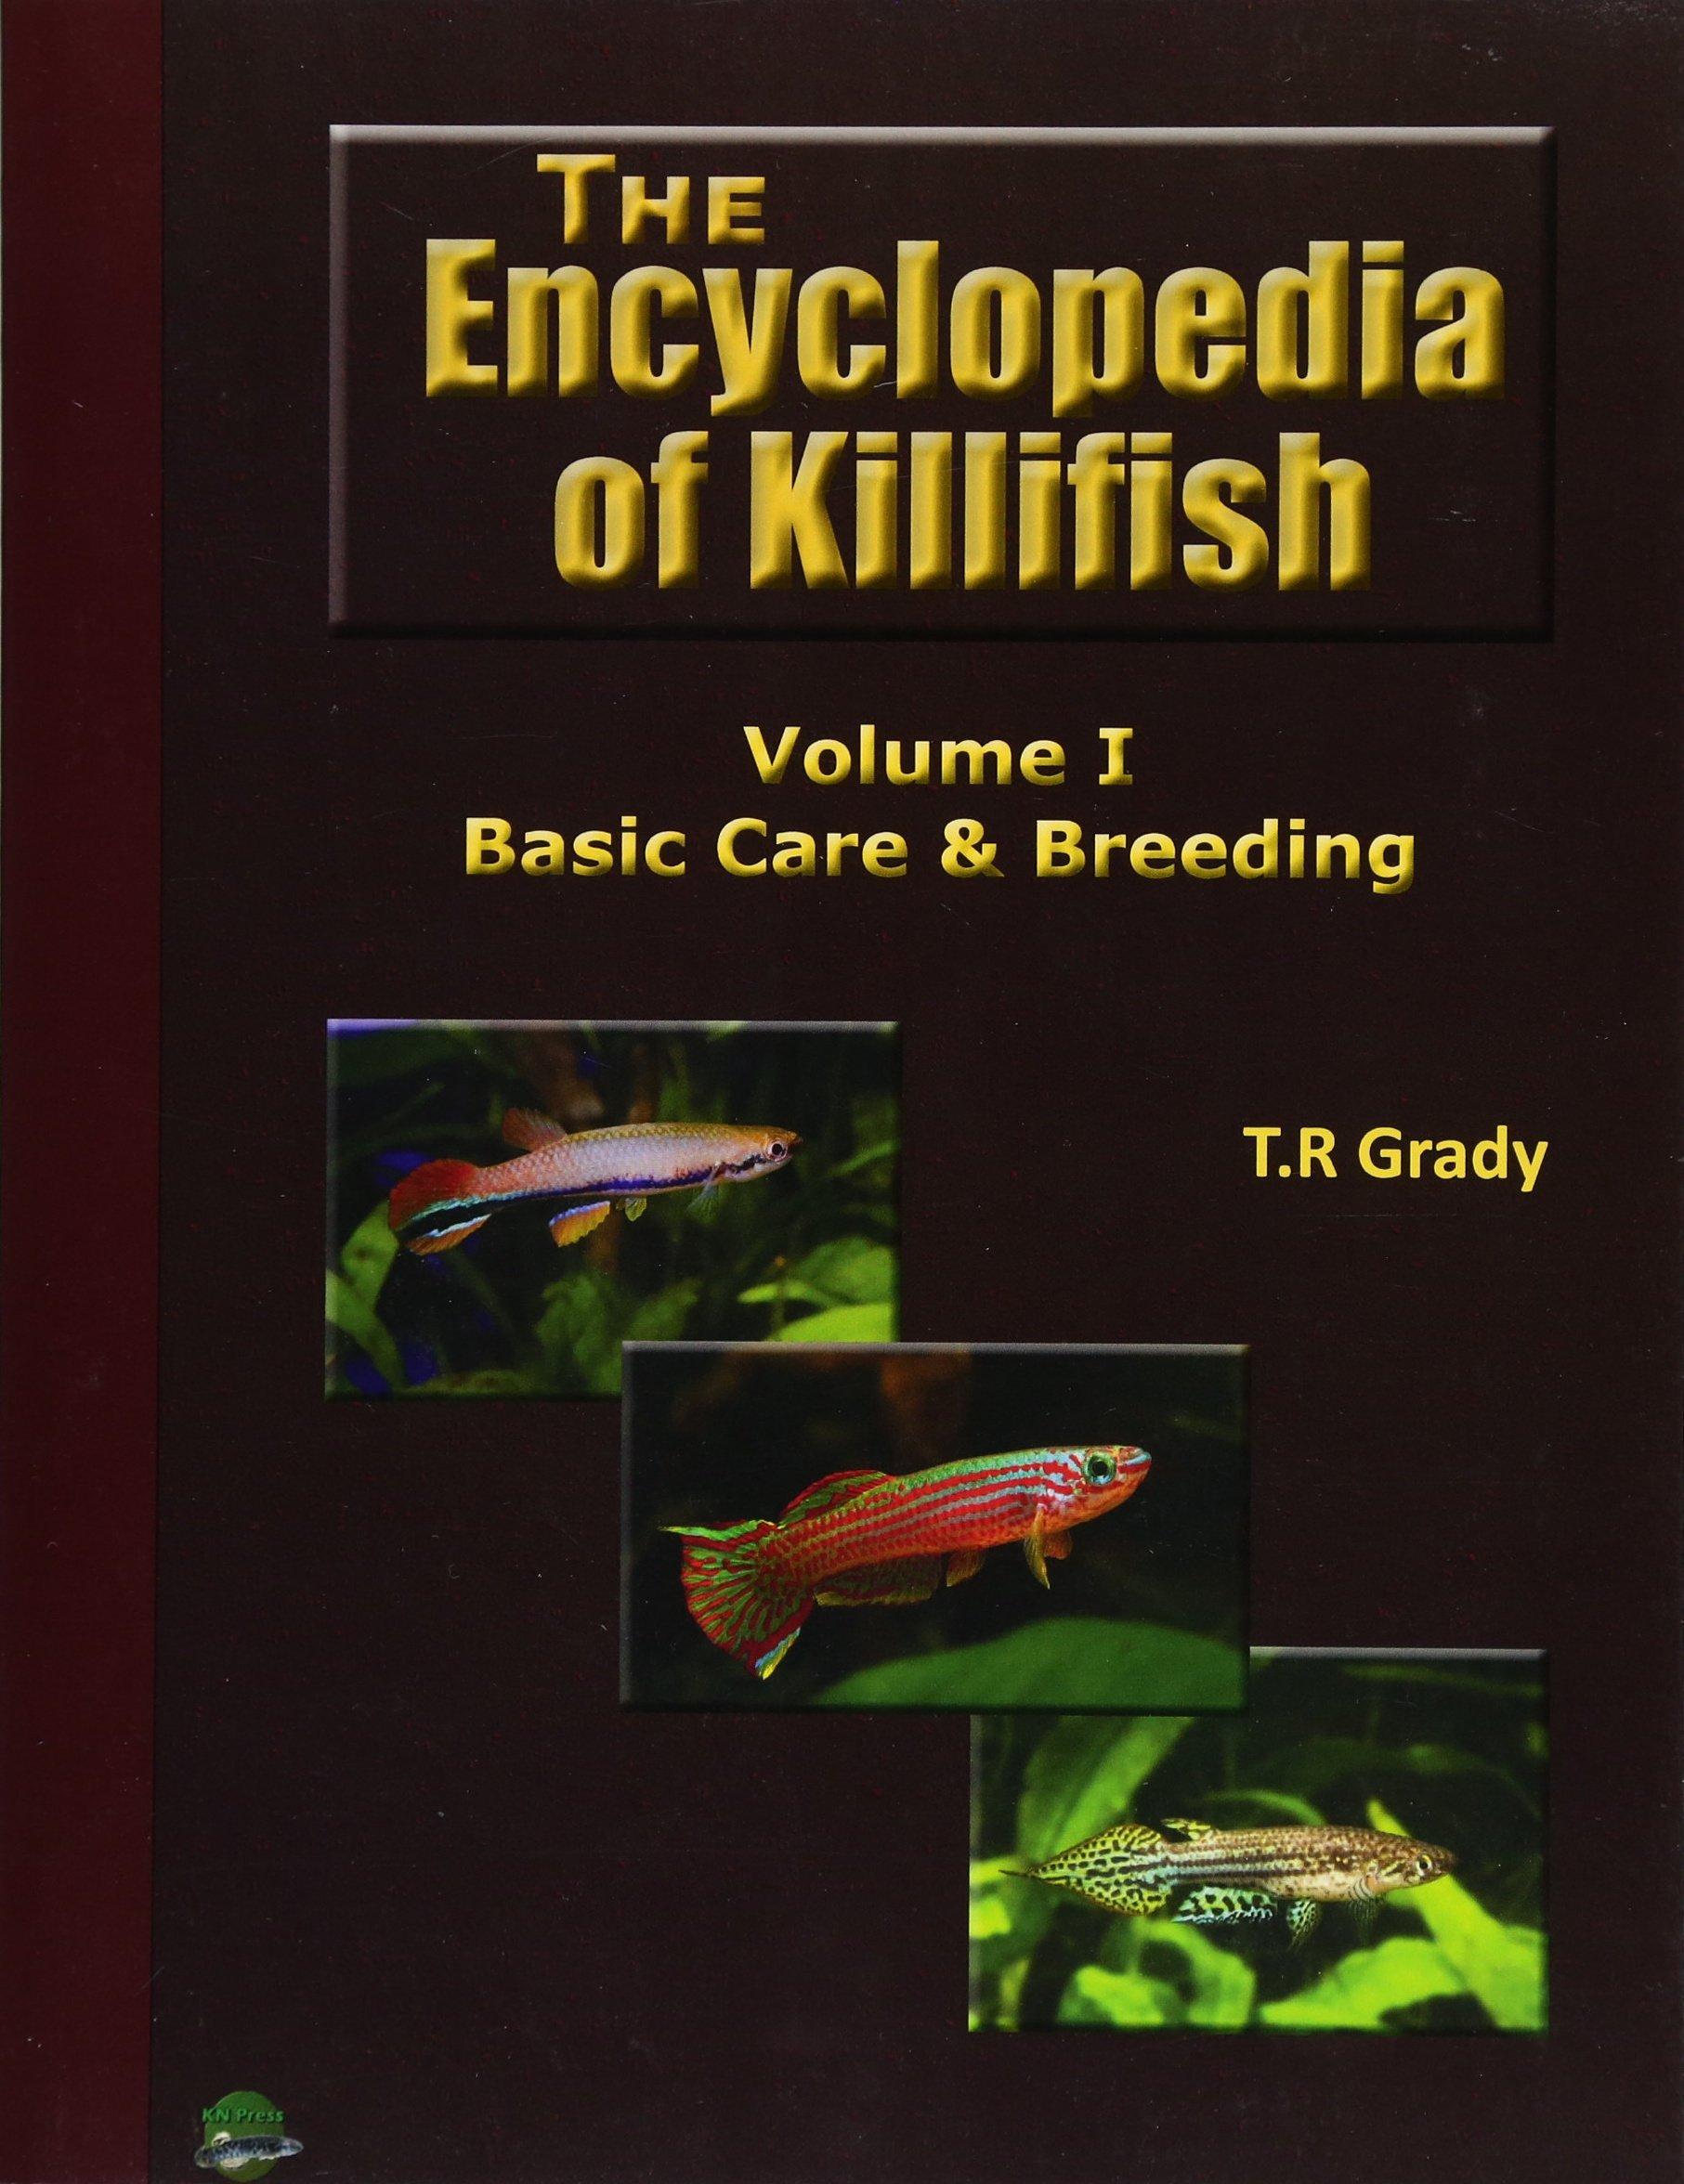 The Killifish Encyclopedia: Basic Care and Breeding (Anthology of Killifish) (Volume 1) pdf epub